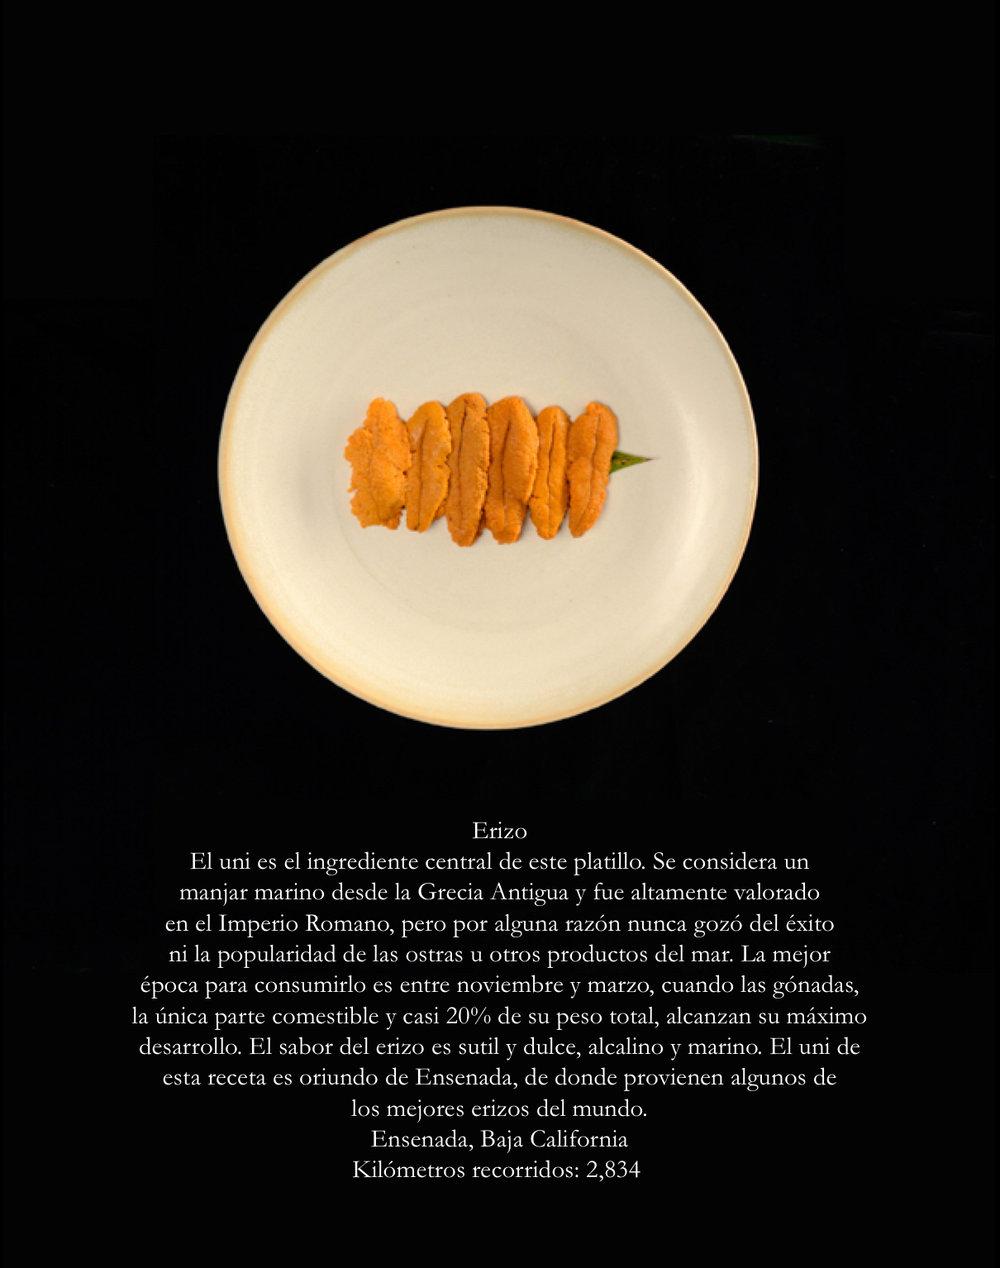 05092018_delplato-rokai ingredientes 02 (erizo) ed.jpg